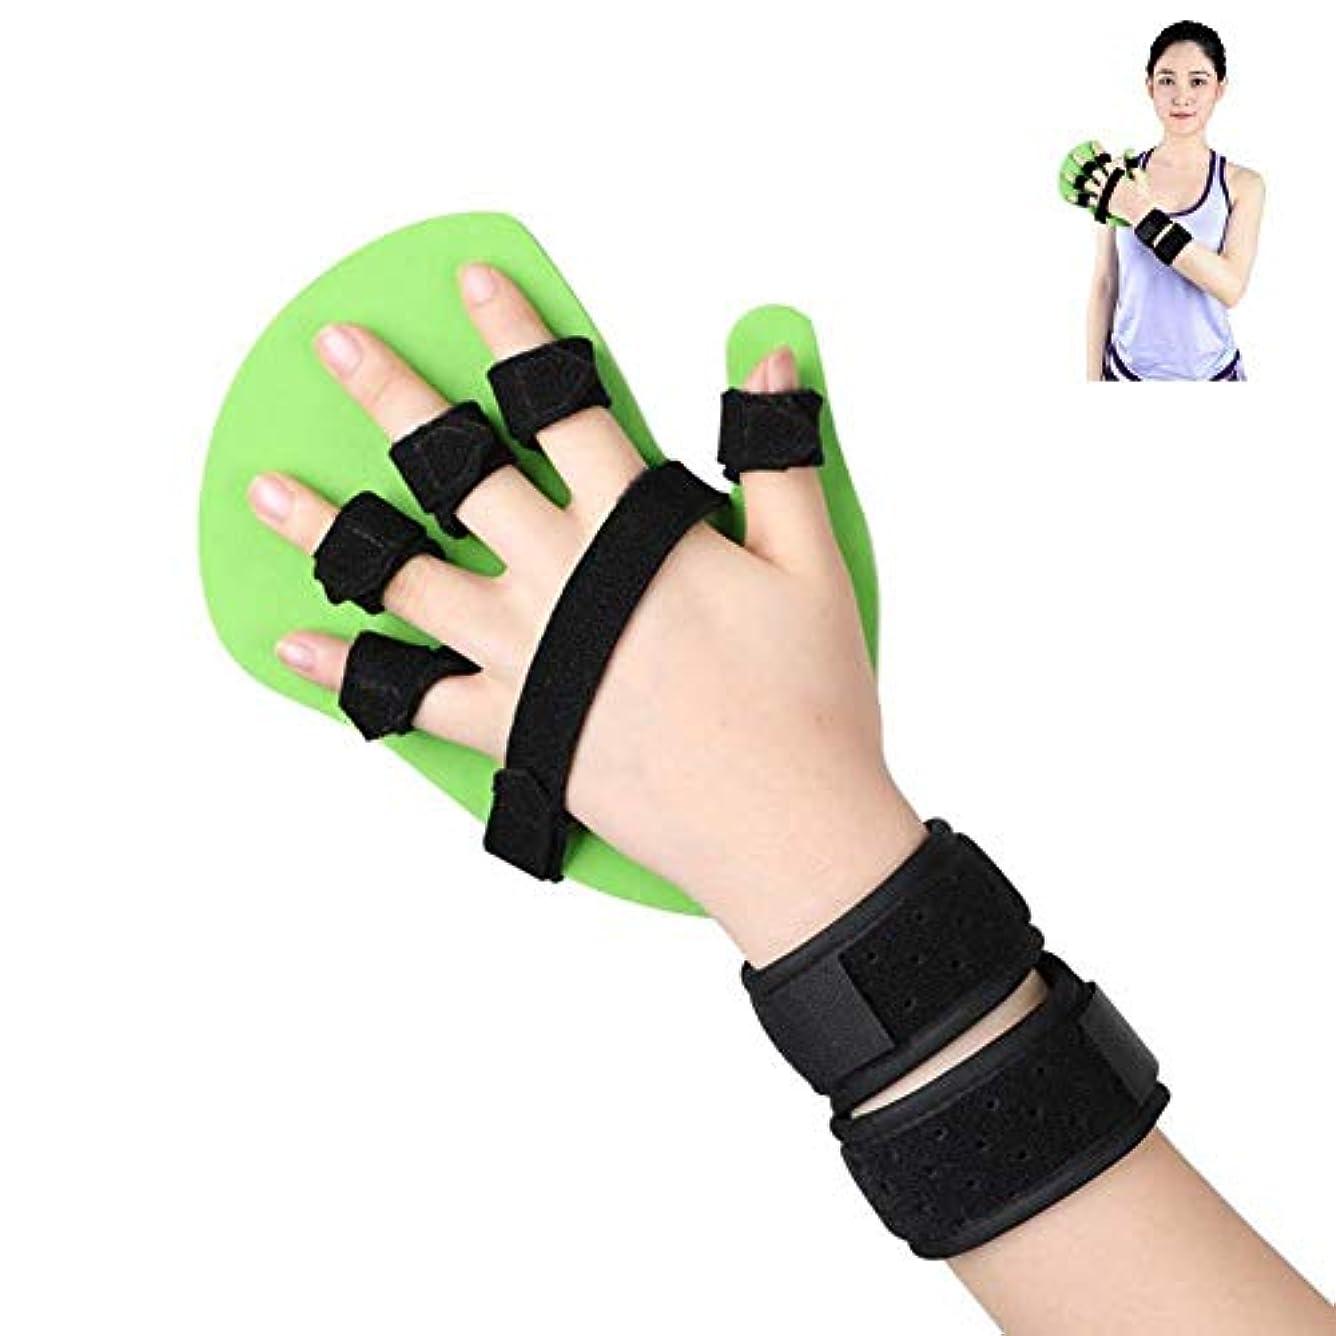 責任癌の量指の損傷のサポート、指の延長スプリントセパレーター装具は、最適な指の機器トレーニング機器をサポートします,RightHand-L